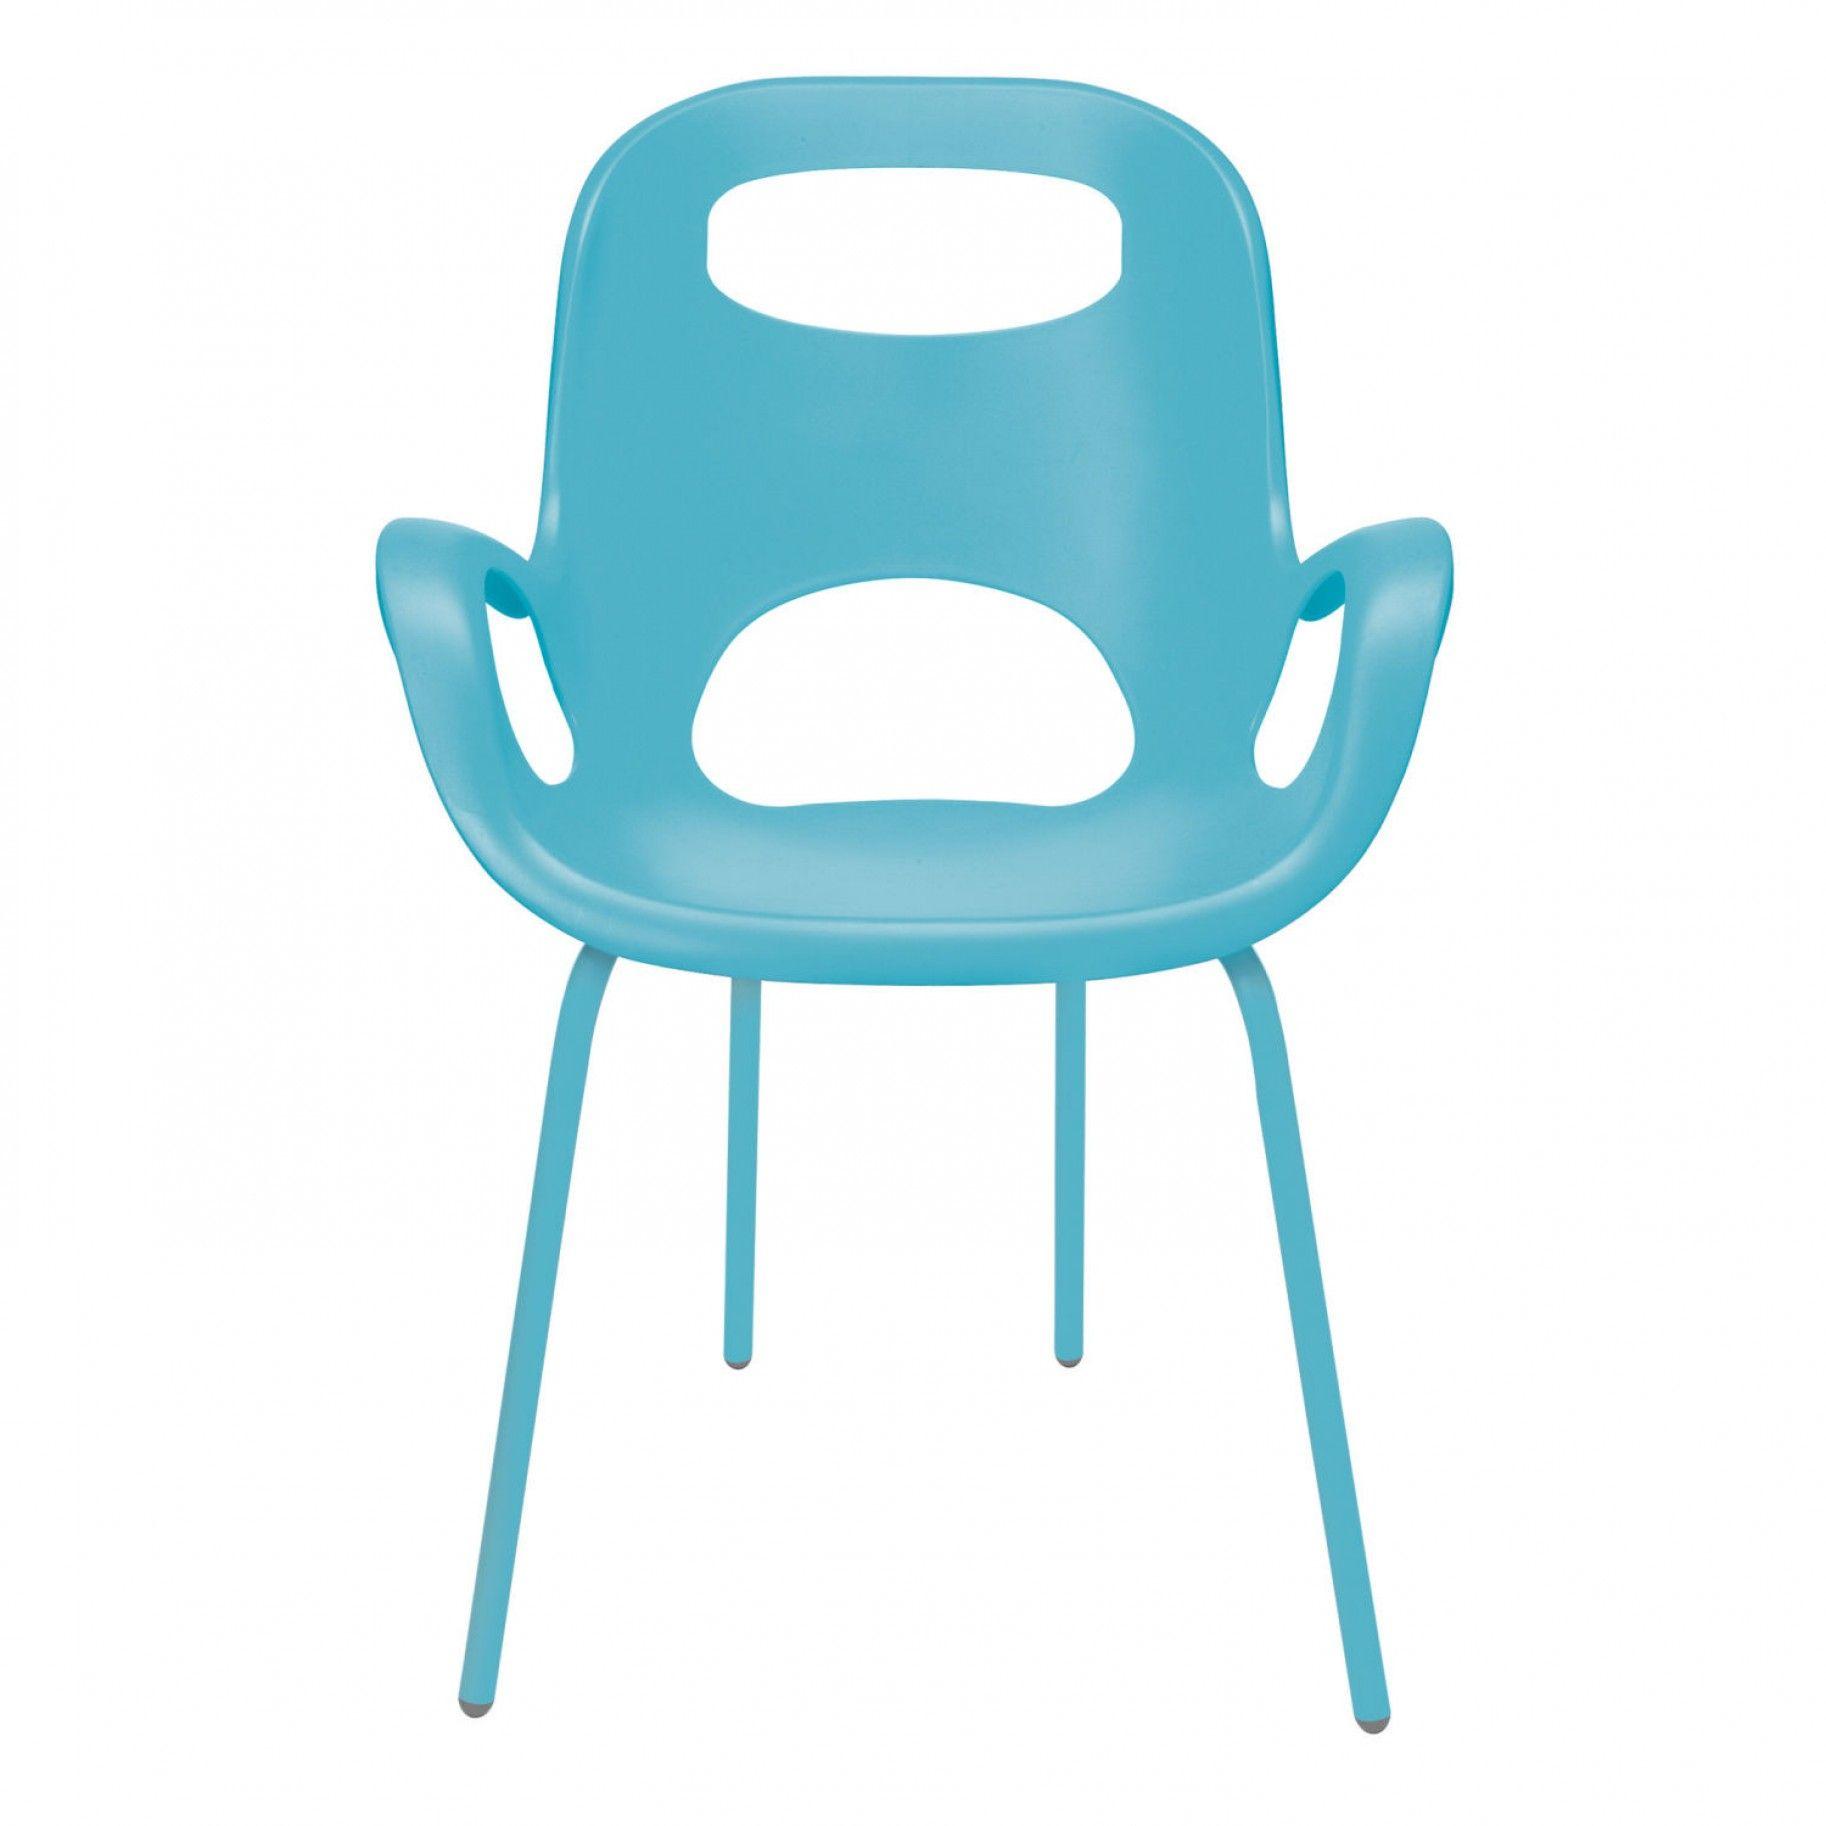 Mobiliário Contemporâneo Internacional Móvel: Oh Chair Designer(s): Karim Rashid Ano: 1999 Características: Mobiliário que se destaca, seja pela cor, tamanho ou design; formas curvas.